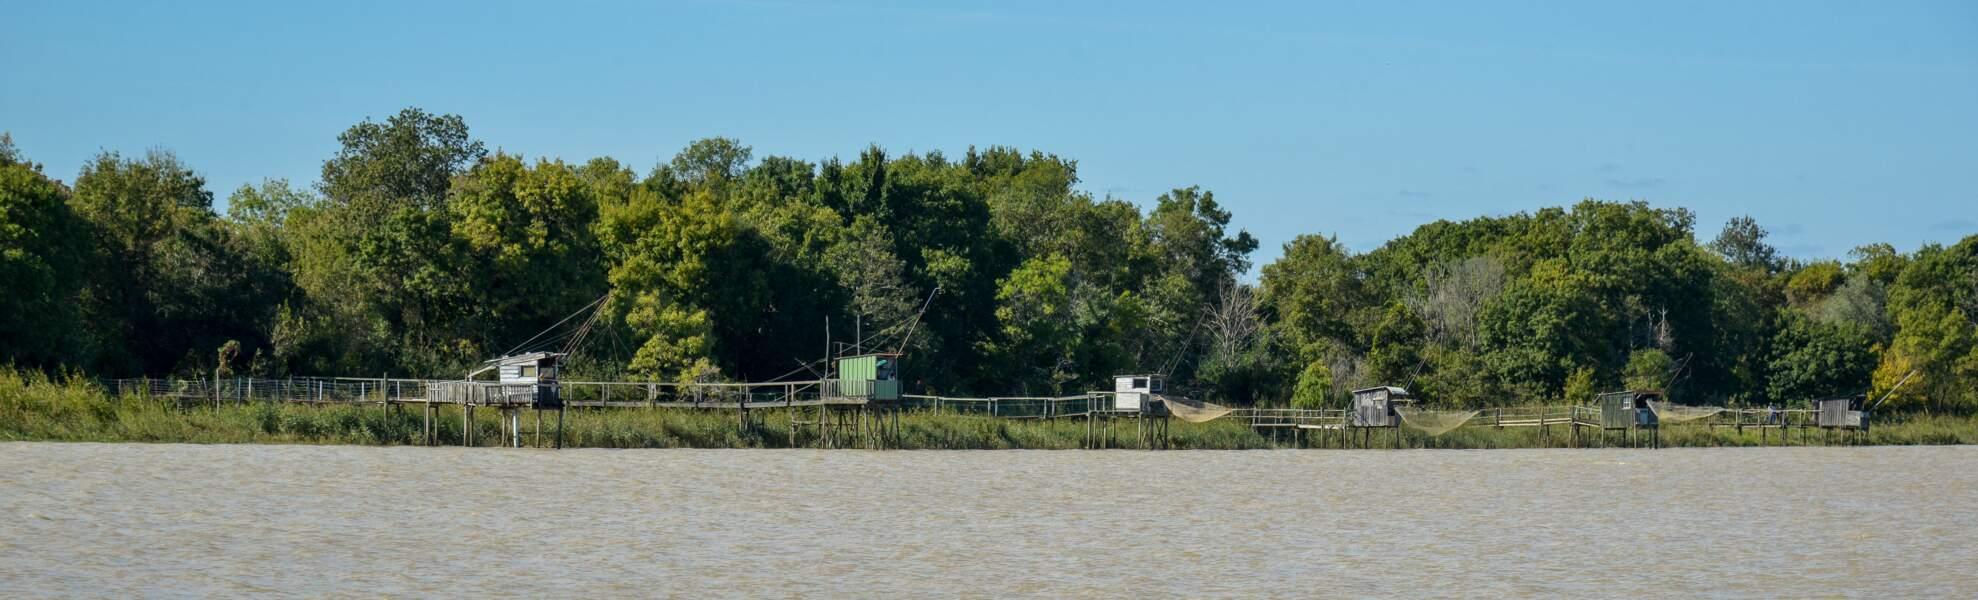 Patiras (Gironde), île de beauté en eaux troubles